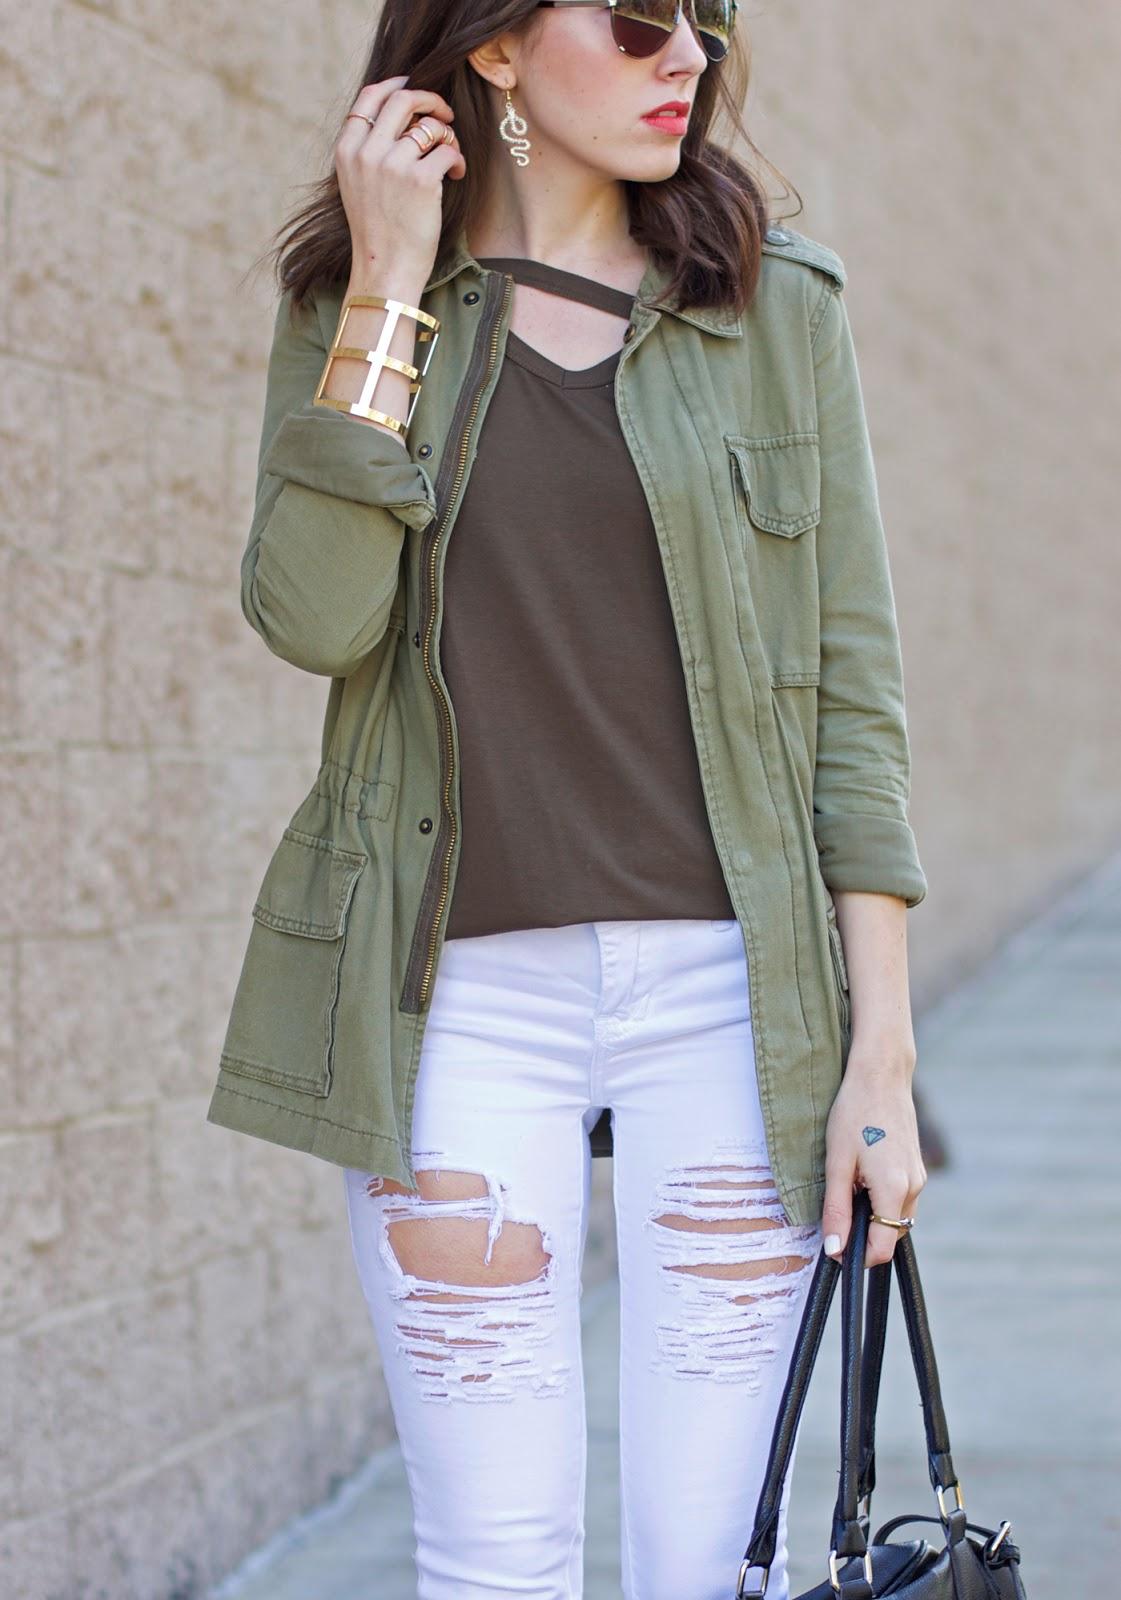 olive-green-cargo-jacket